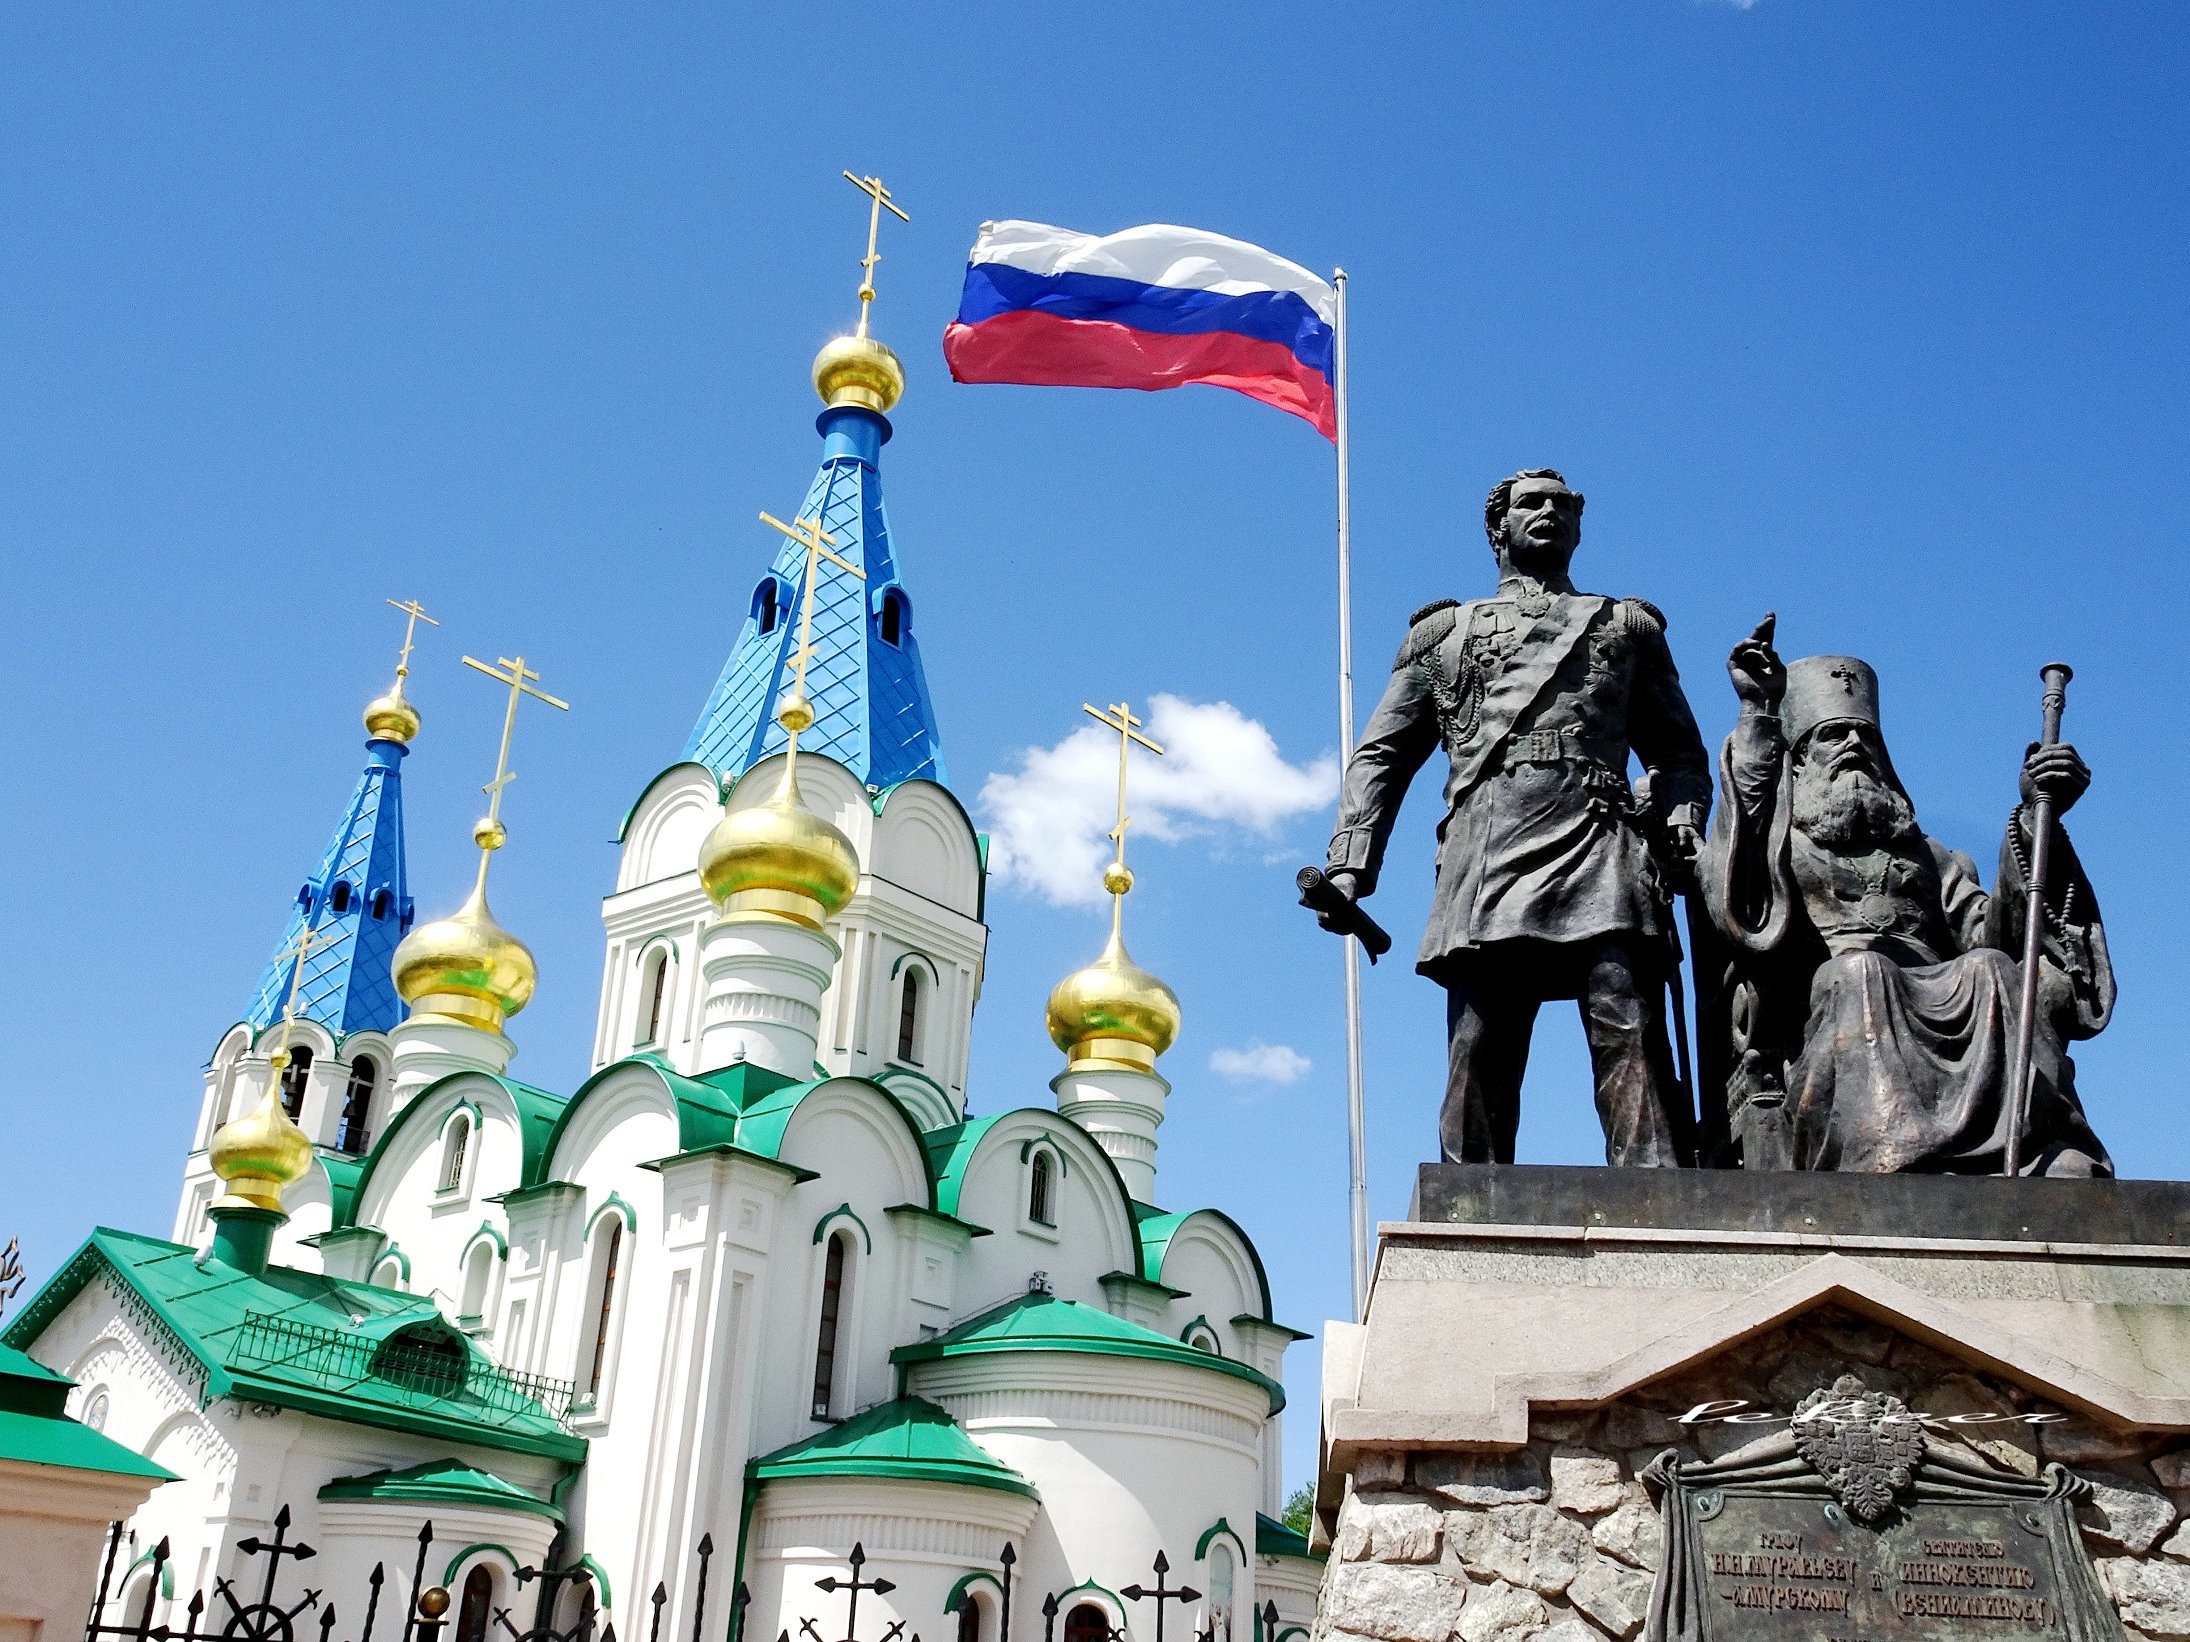 俄罗斯菇凉结婚不到教堂仪式简单 因为小鲜肉太少